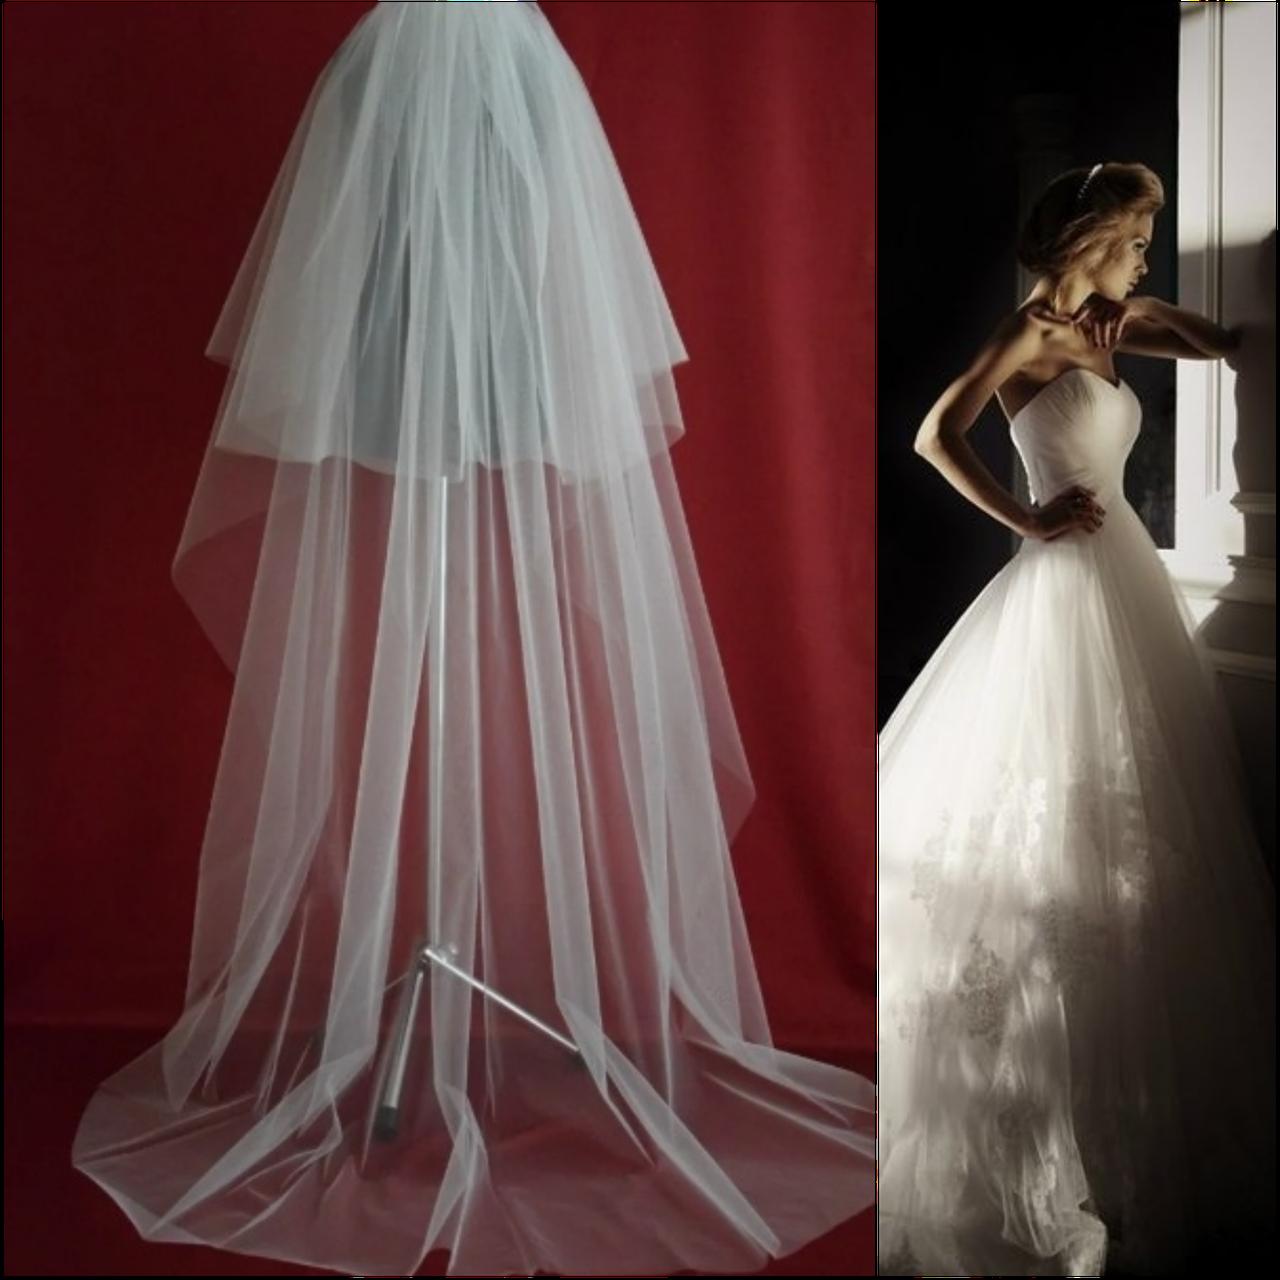 Вау! Двухъярусная длинная свадебная Фата SF для Невесты Белая/Айвори (sf-249)